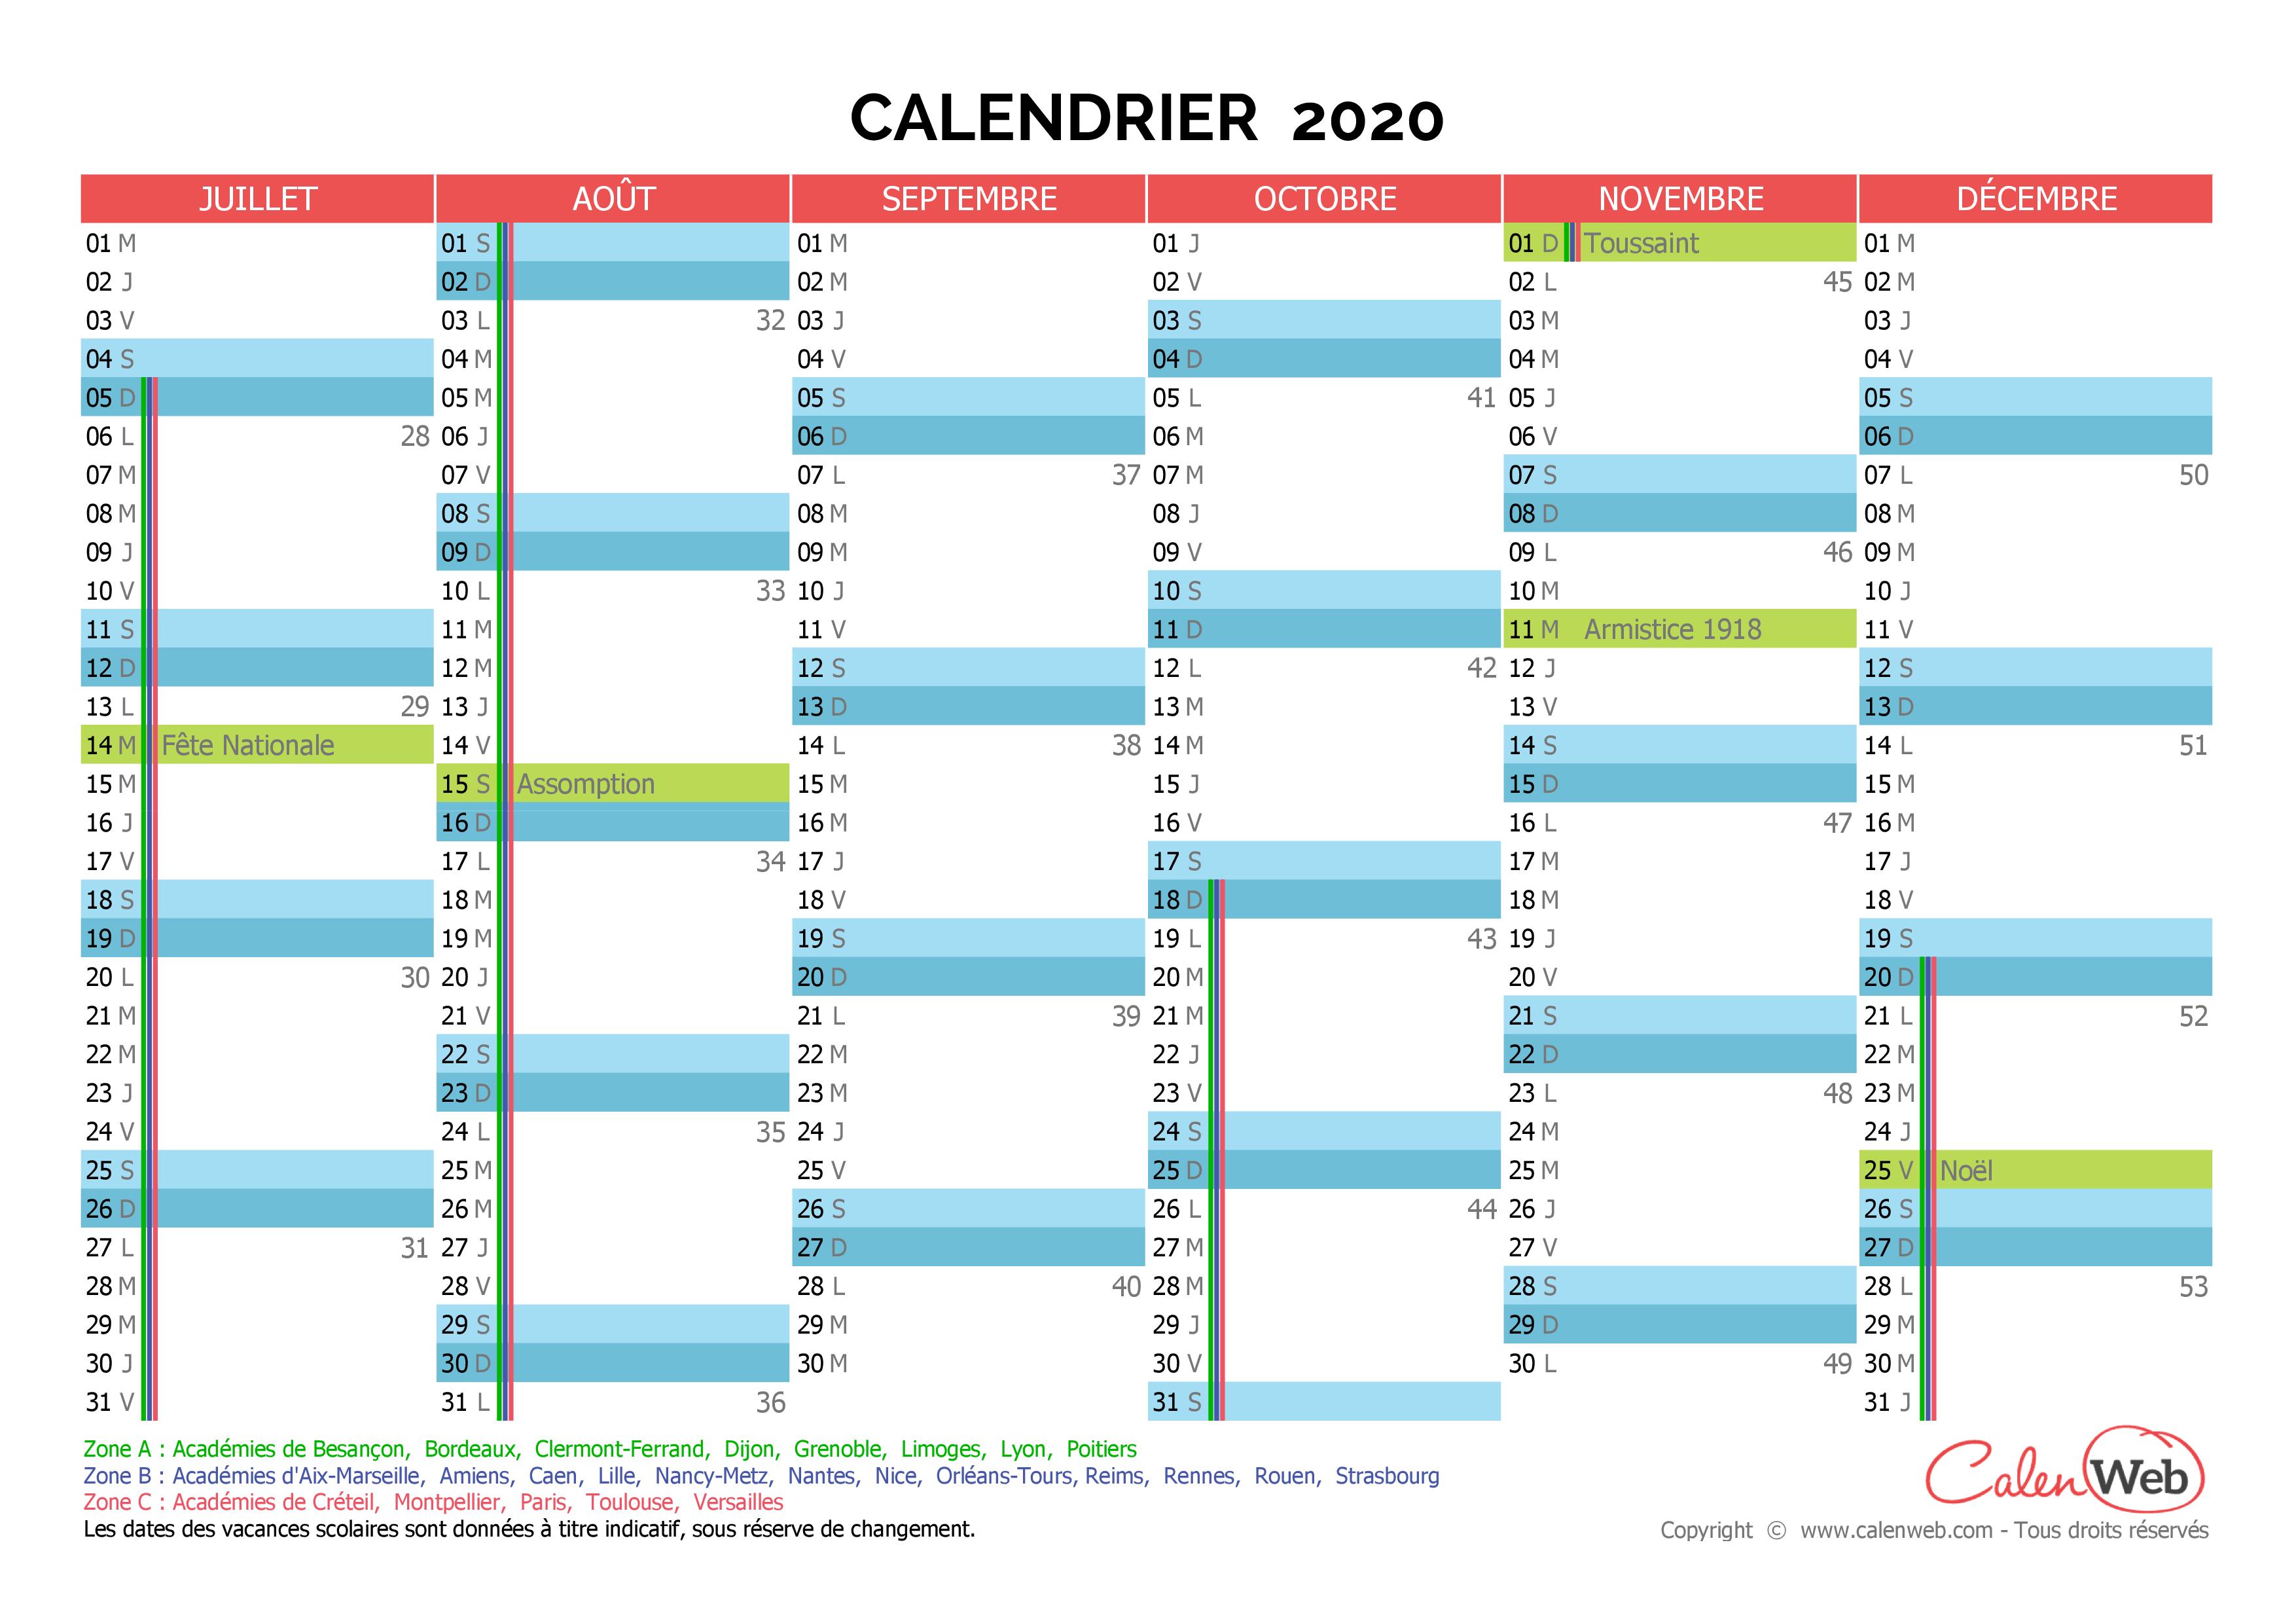 Calendrier 2021 Calenweb Calendrier semestriel   Année 2020 avec jours fériés et vacances